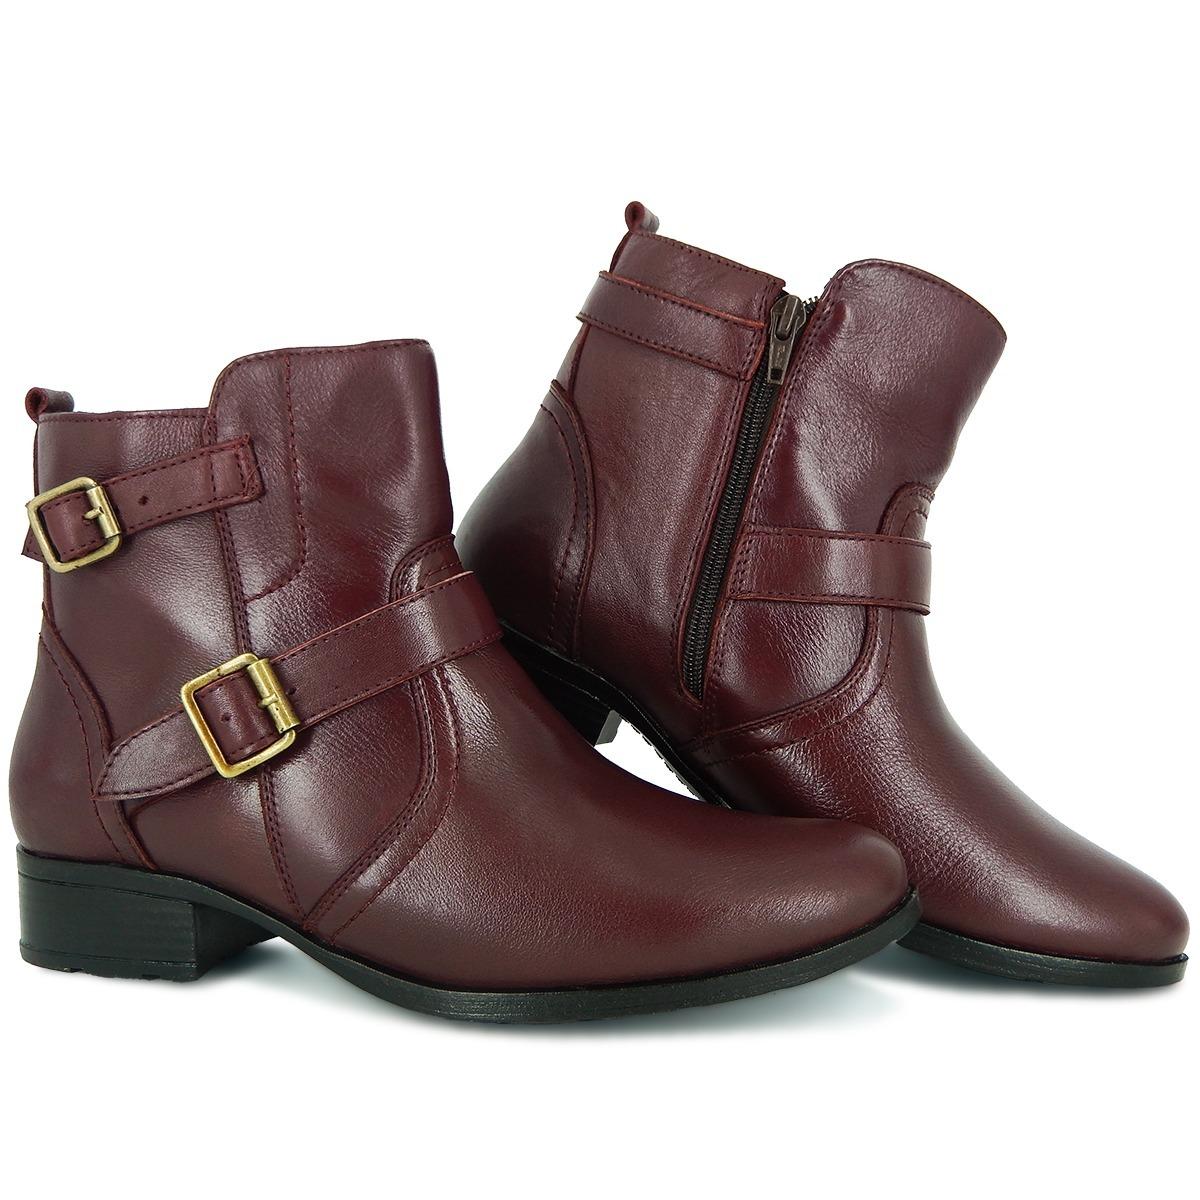 f418304cd8 botas femininas cano baixo em couro legítimo extra confort. Carregando zoom.